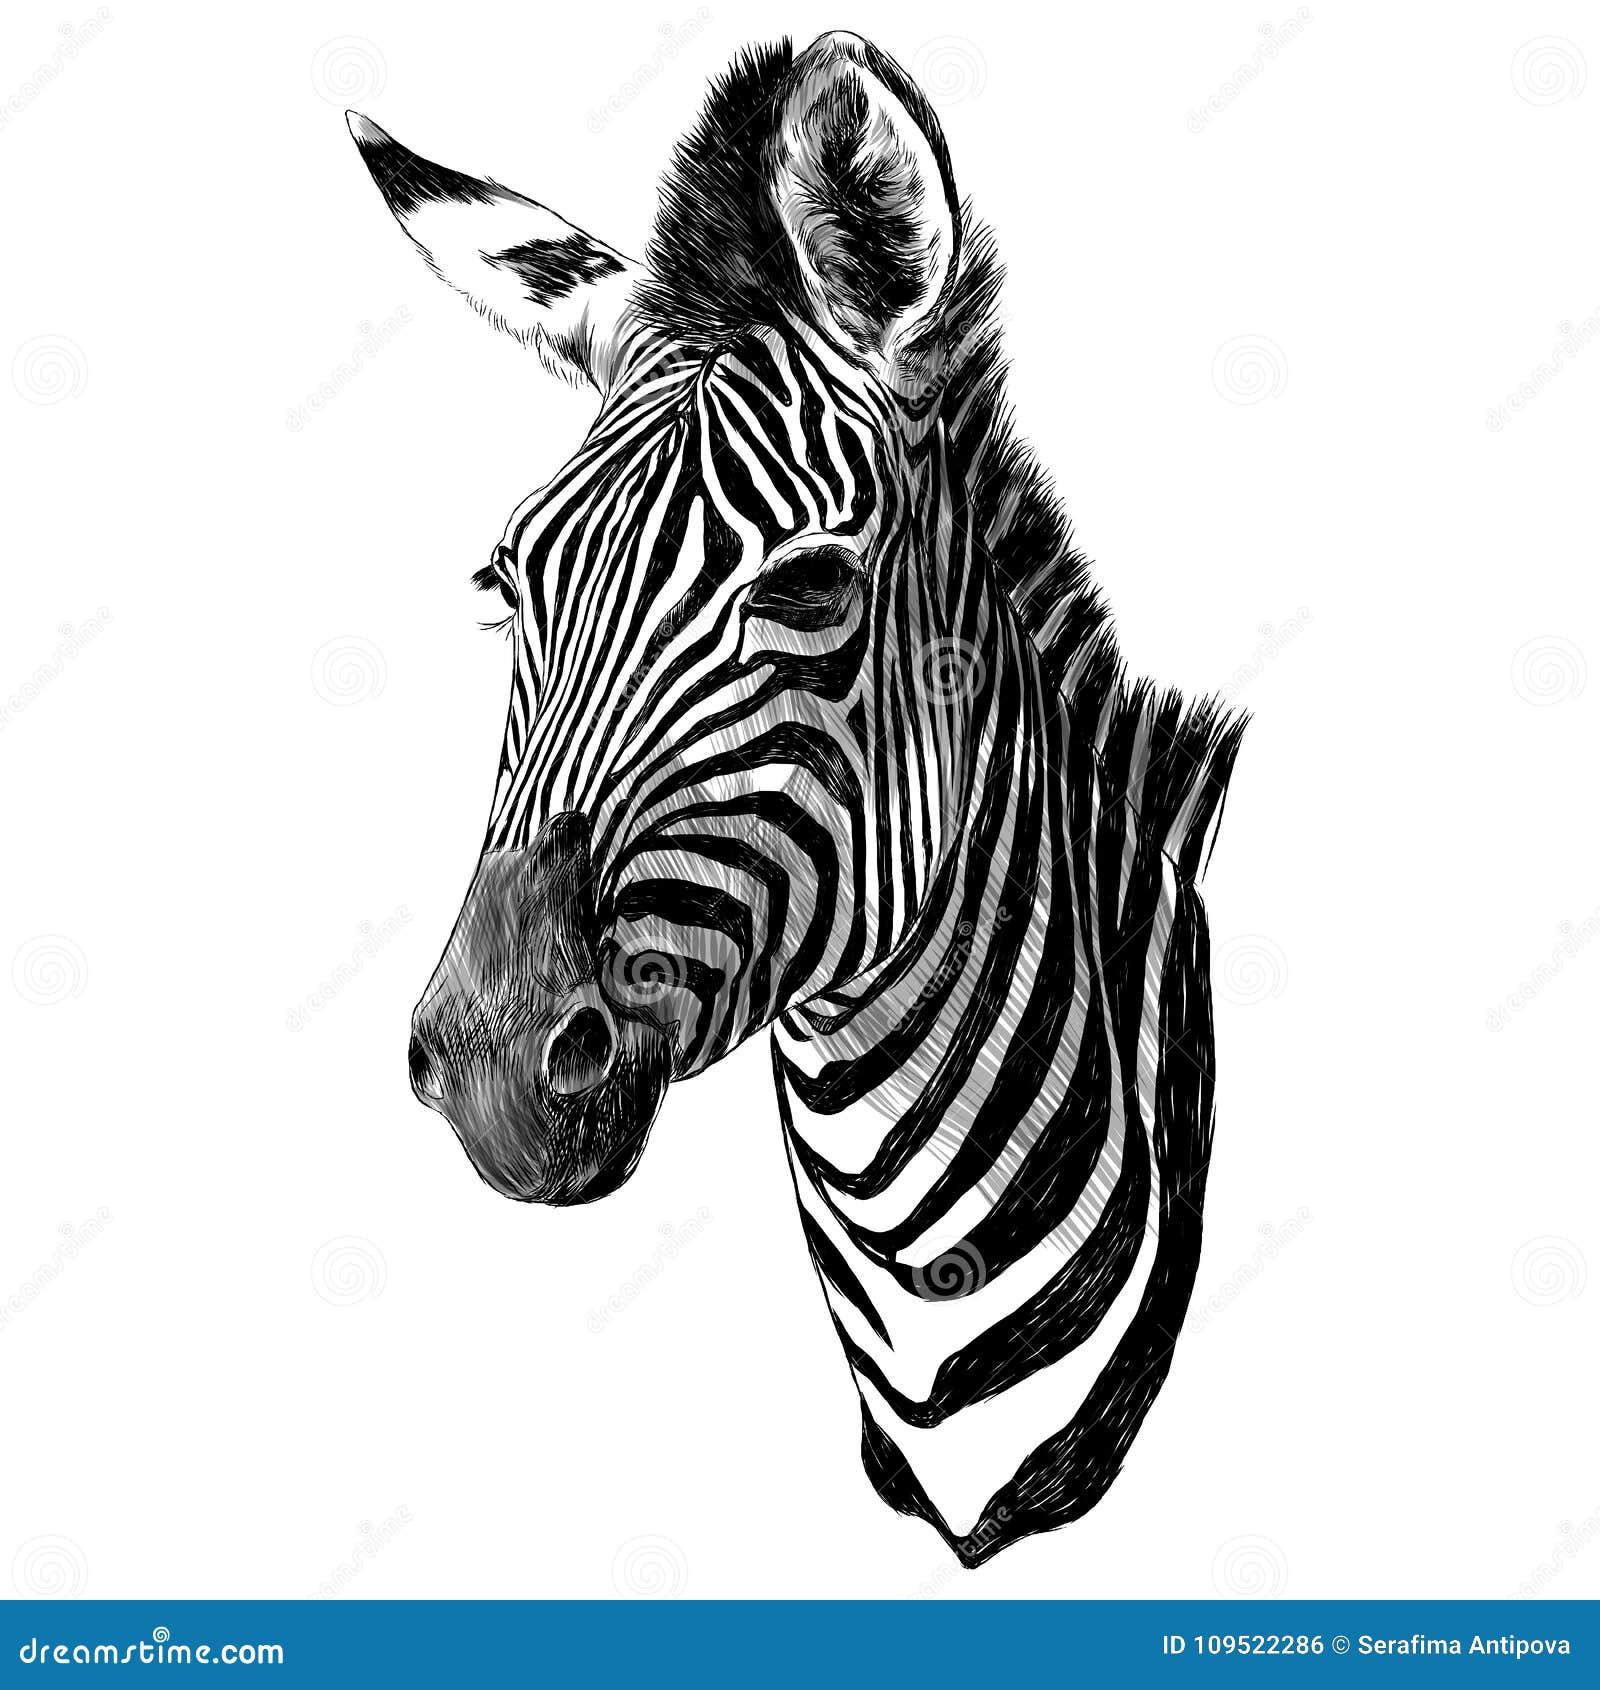 Zebra Head Stock Illustrations U2013 1329 Zebra Head Stock Illustrations Vectors U0026 Clipart ...